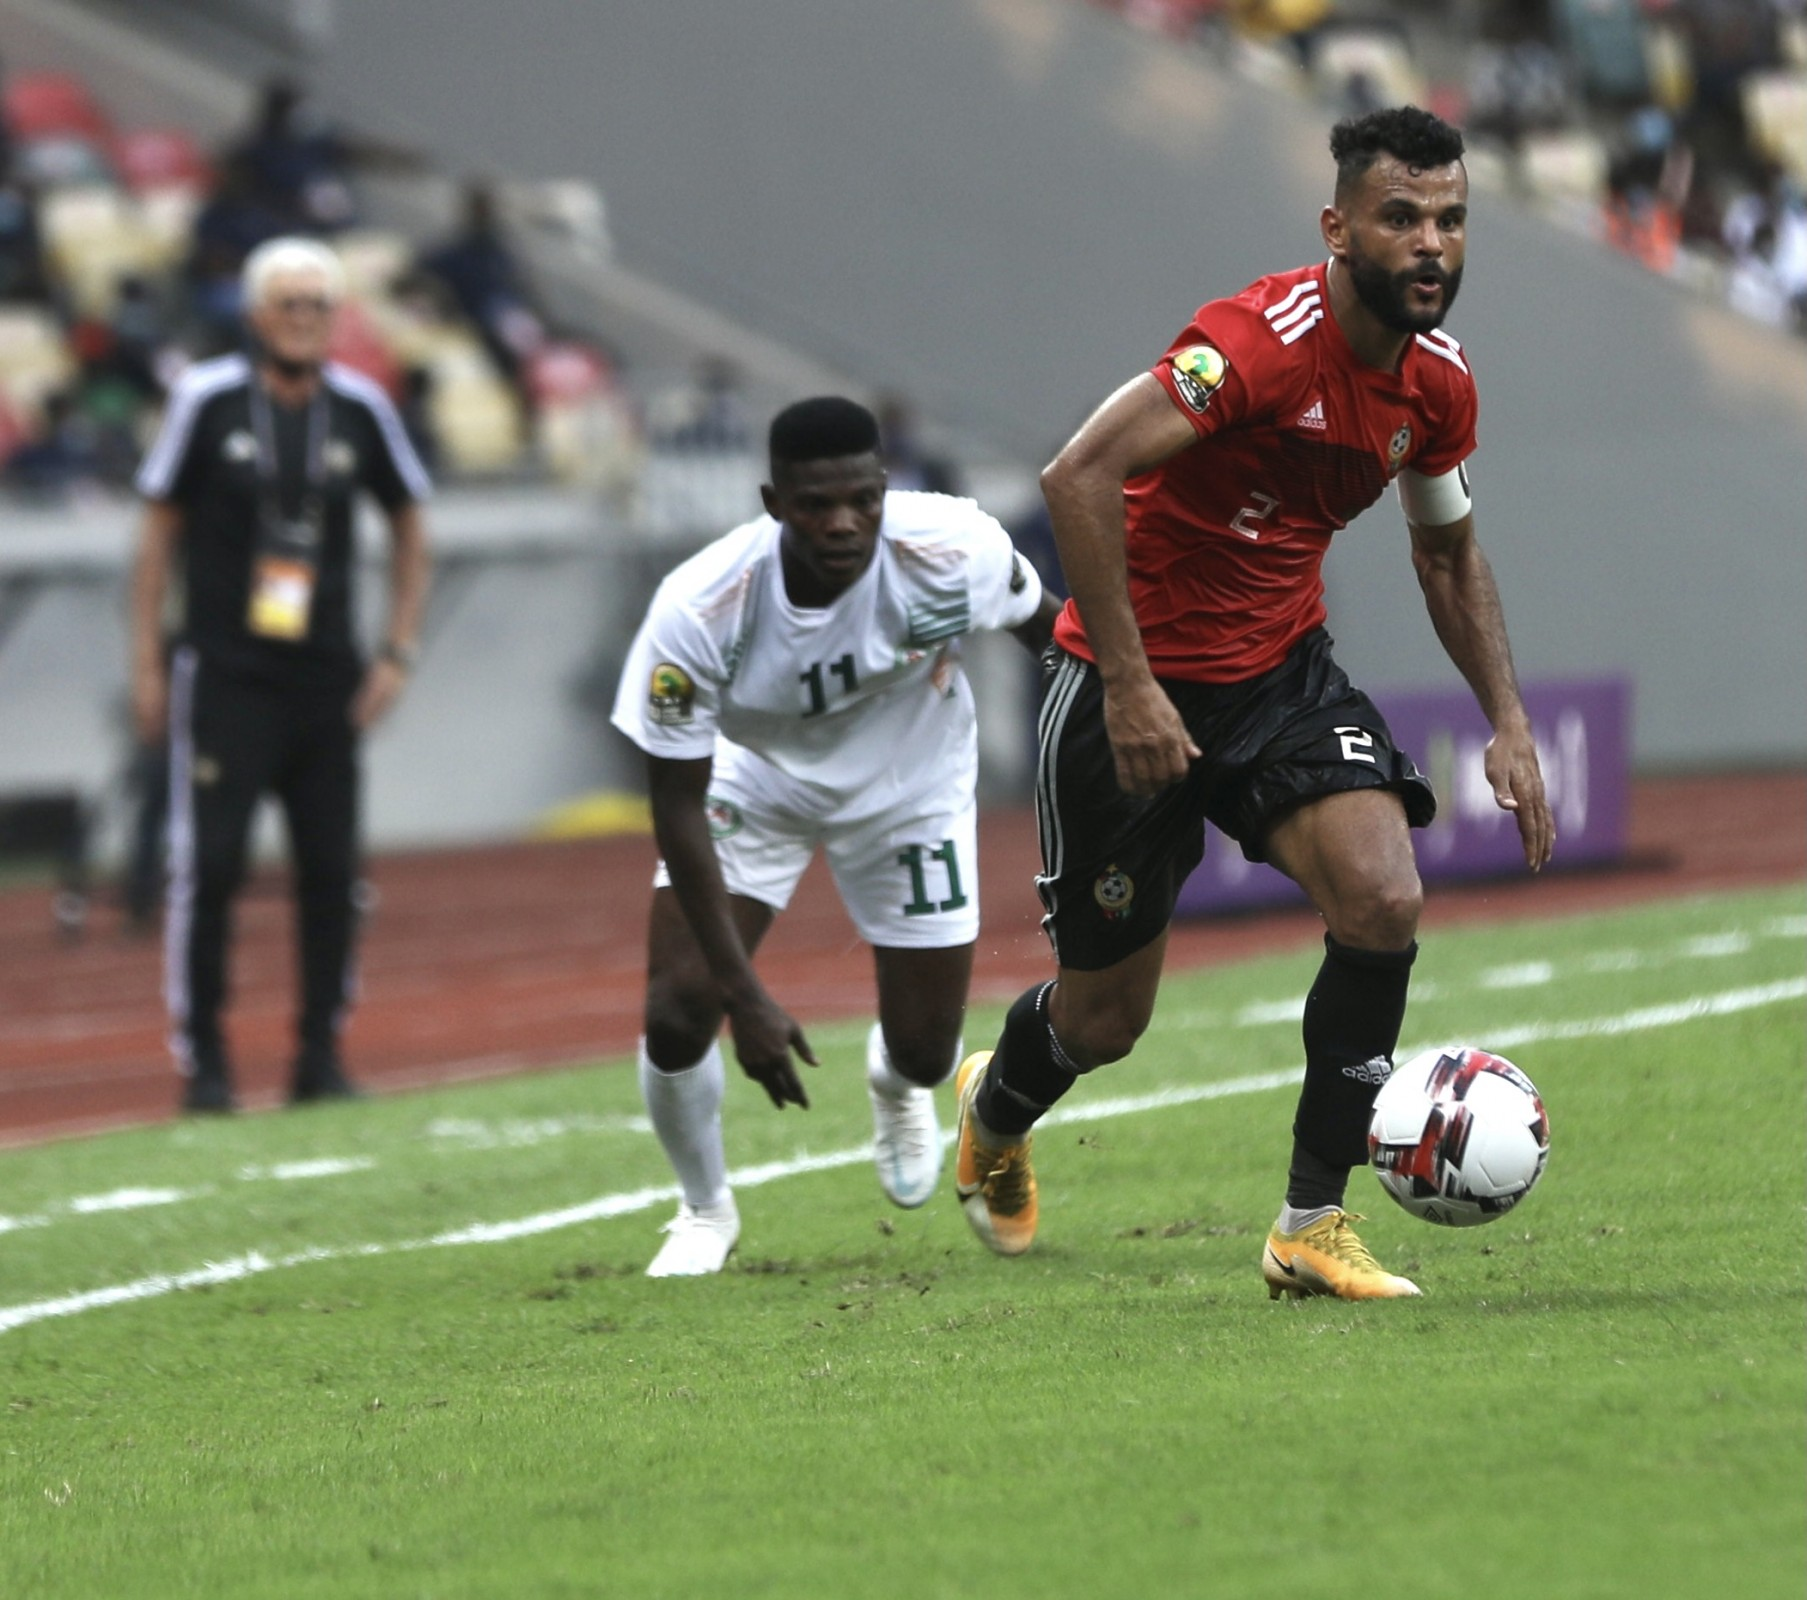 اللافي يعترف بصعوبة مواجهة ليبيا أمام جمهورية الكونغو